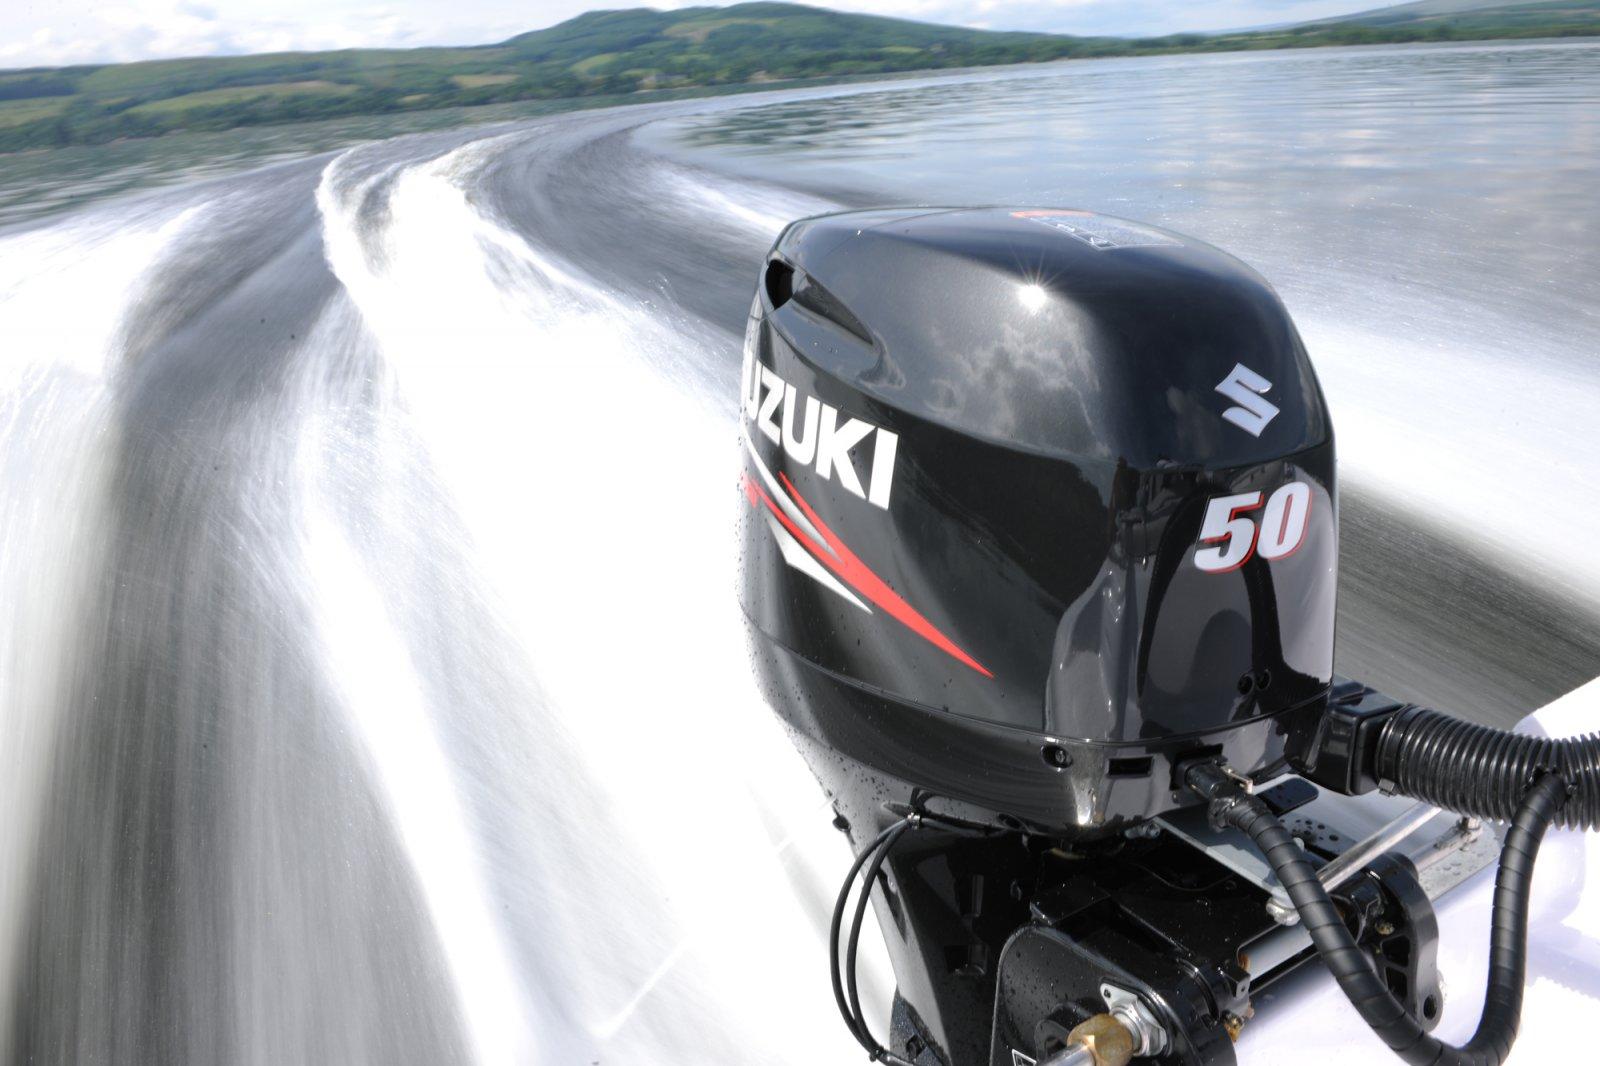 моторы для лодки сузуки 9.9 четырехтактный